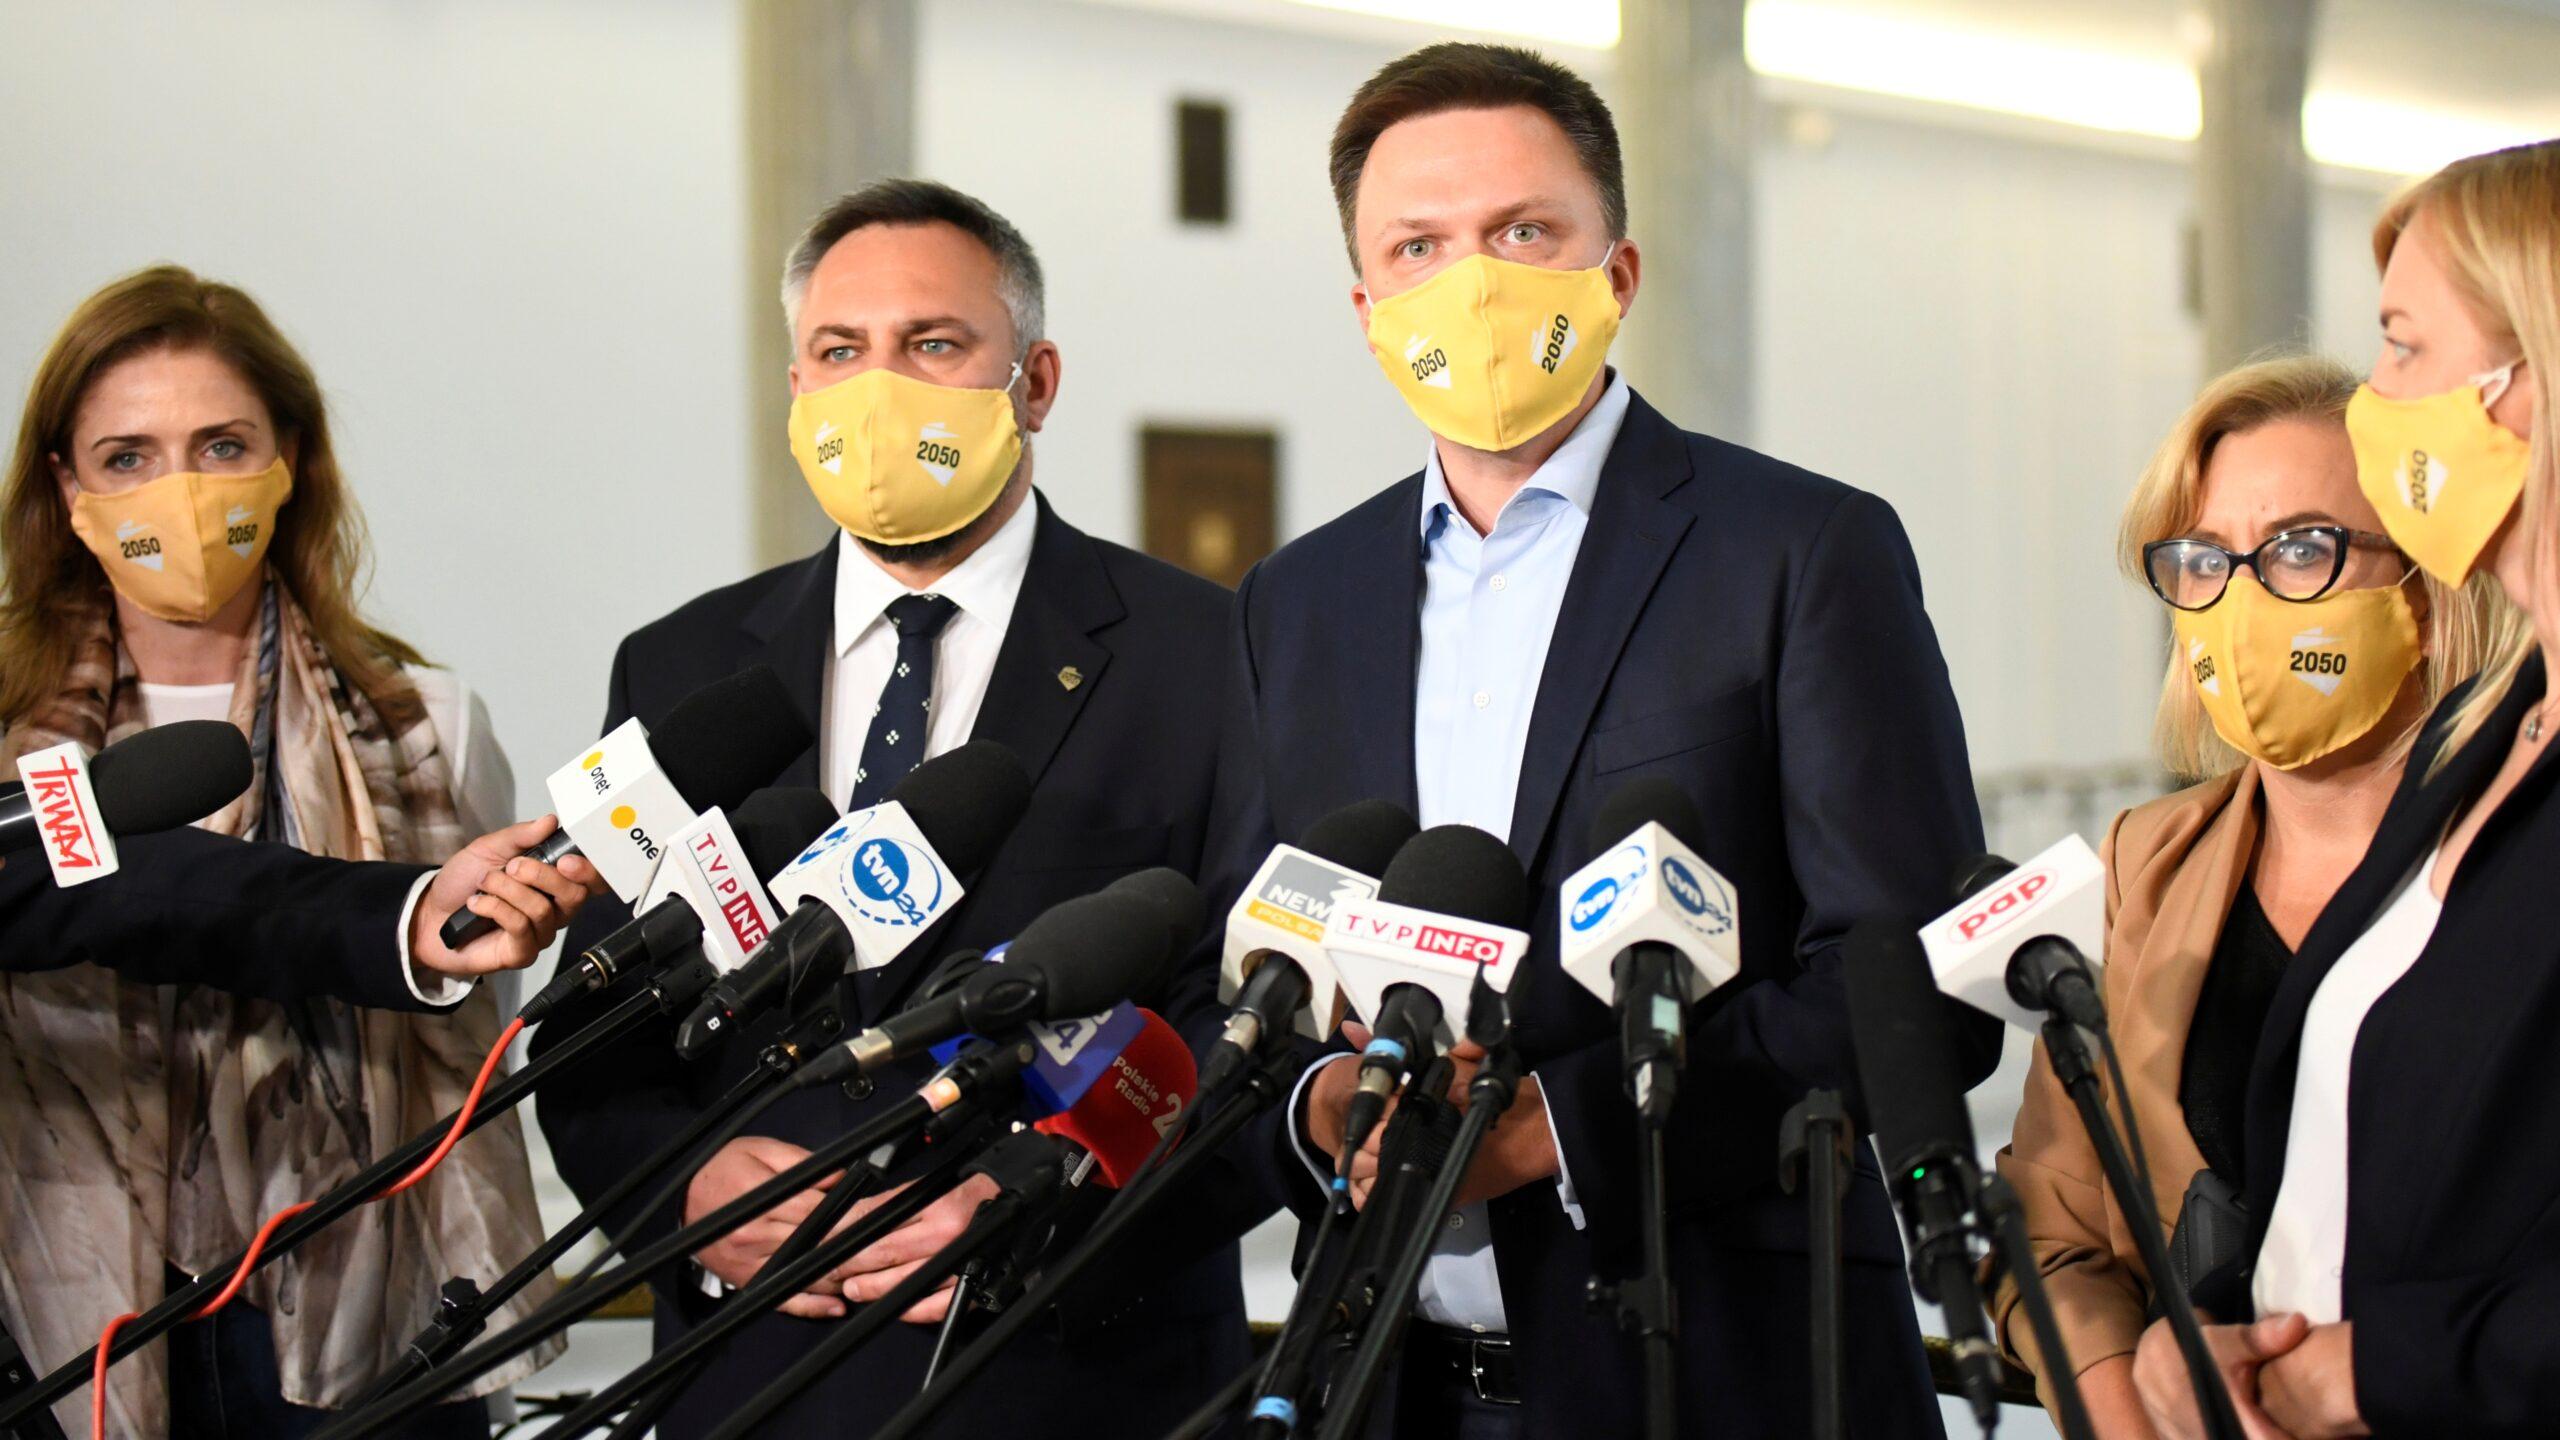 Szymon Hołownia z problemami. Komitet musi oddać ponad 200 tys. zł